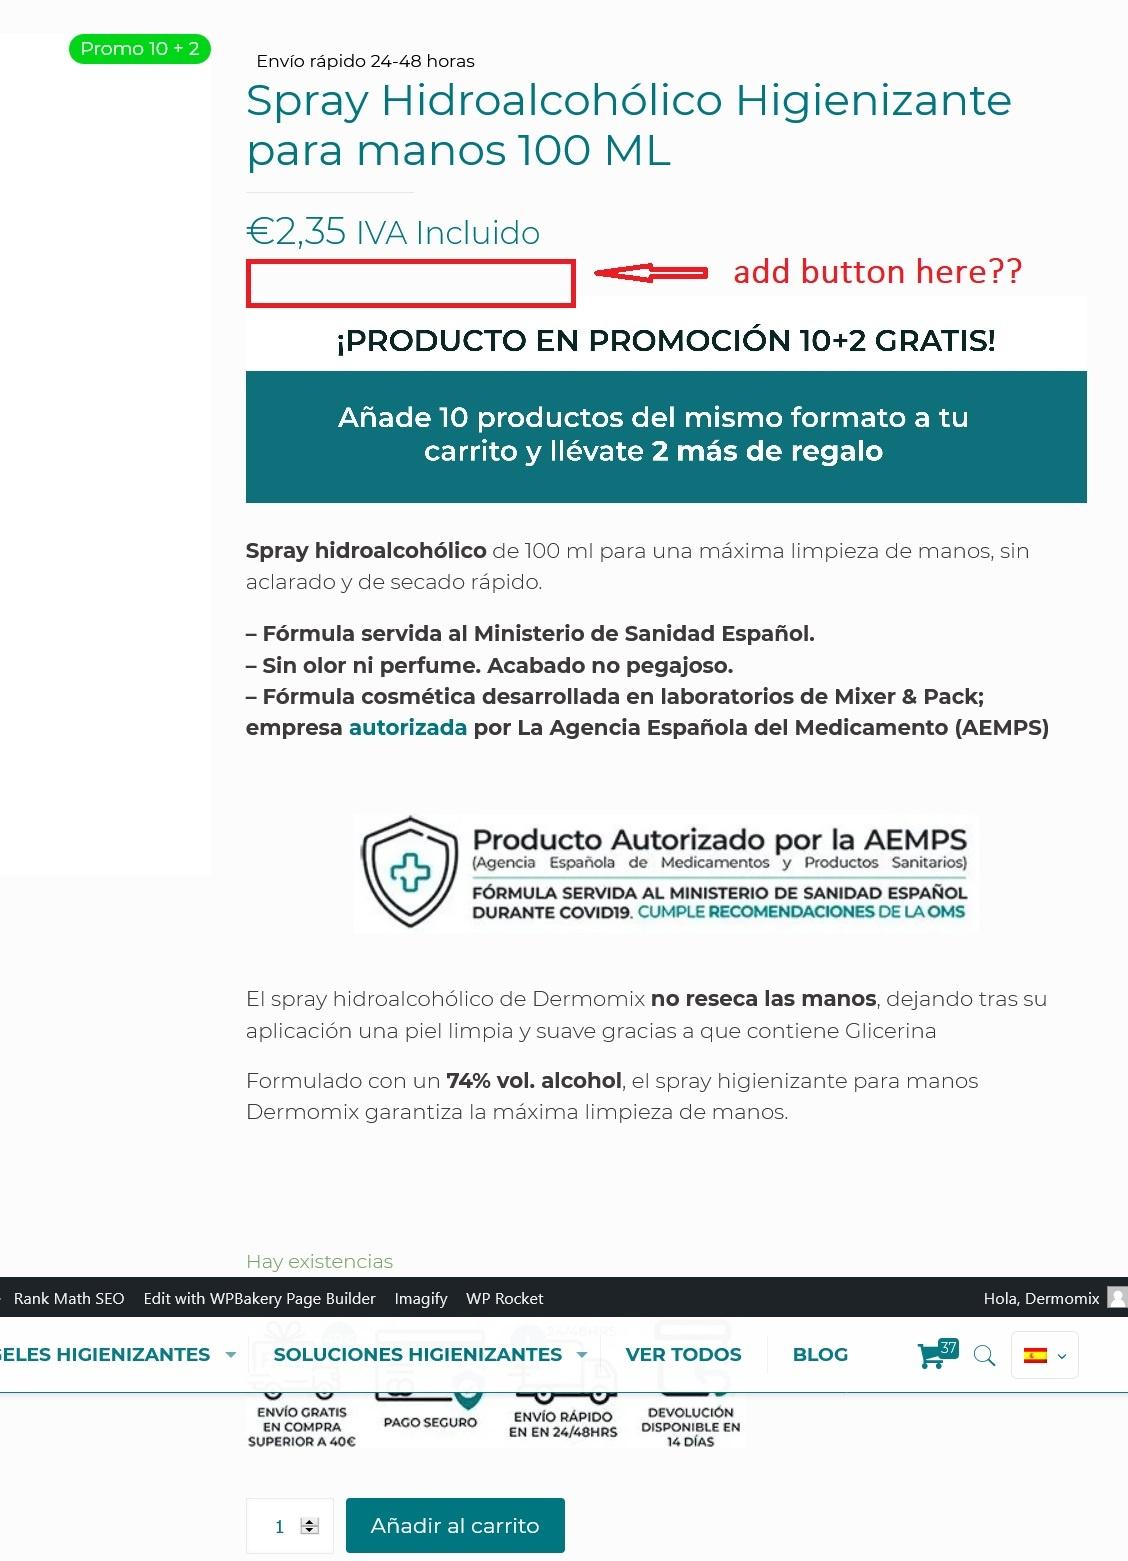 Screenshot_2021-04-15 ▷ Spray Hidroalcohólico de manos 100ml Dermomix.jpg